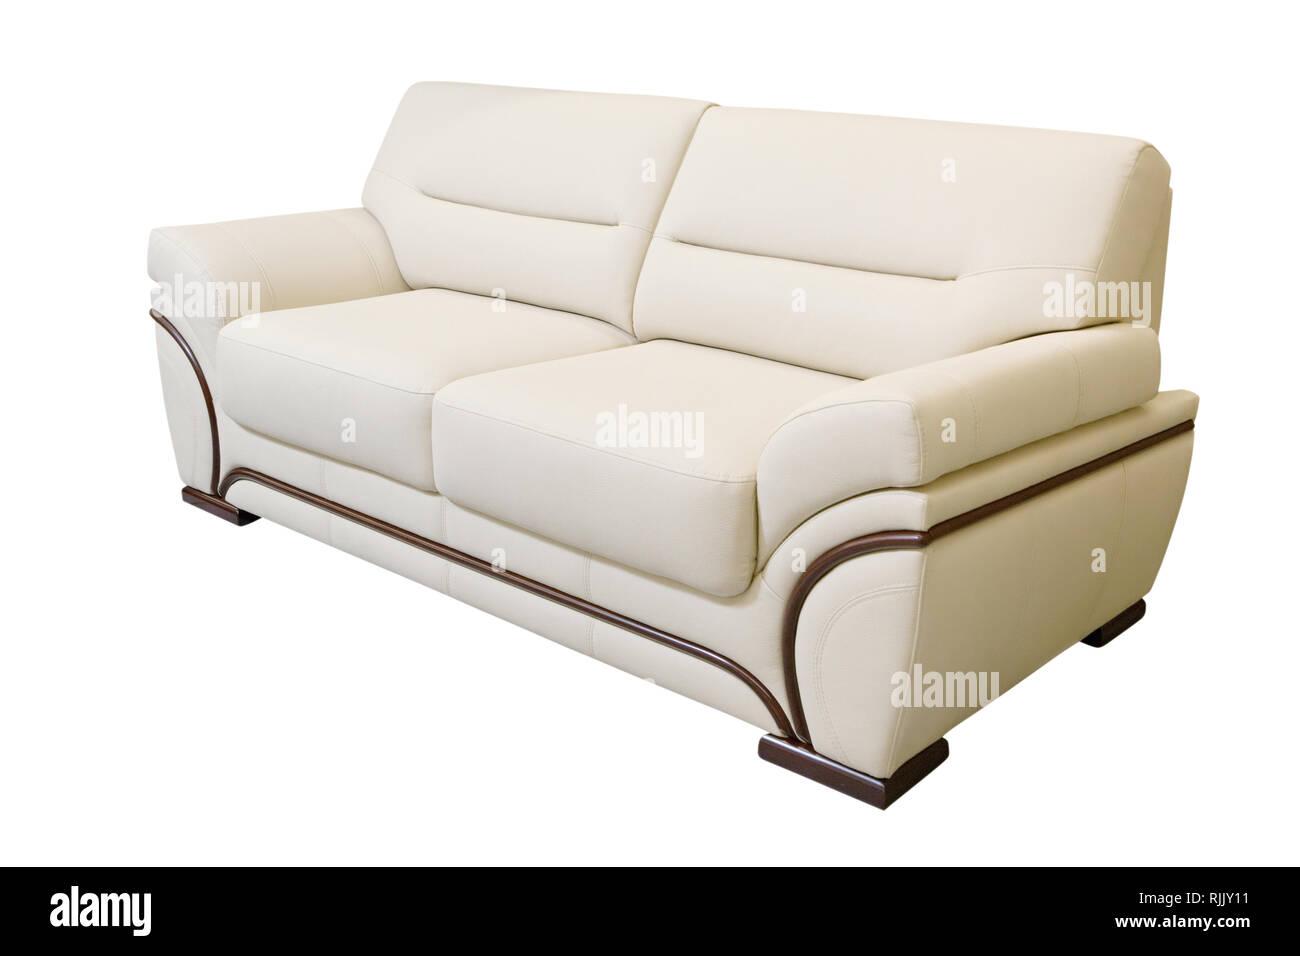 Lavorio Divano In Pelle Isolati Su Sfondo Bianco Foto Immagine